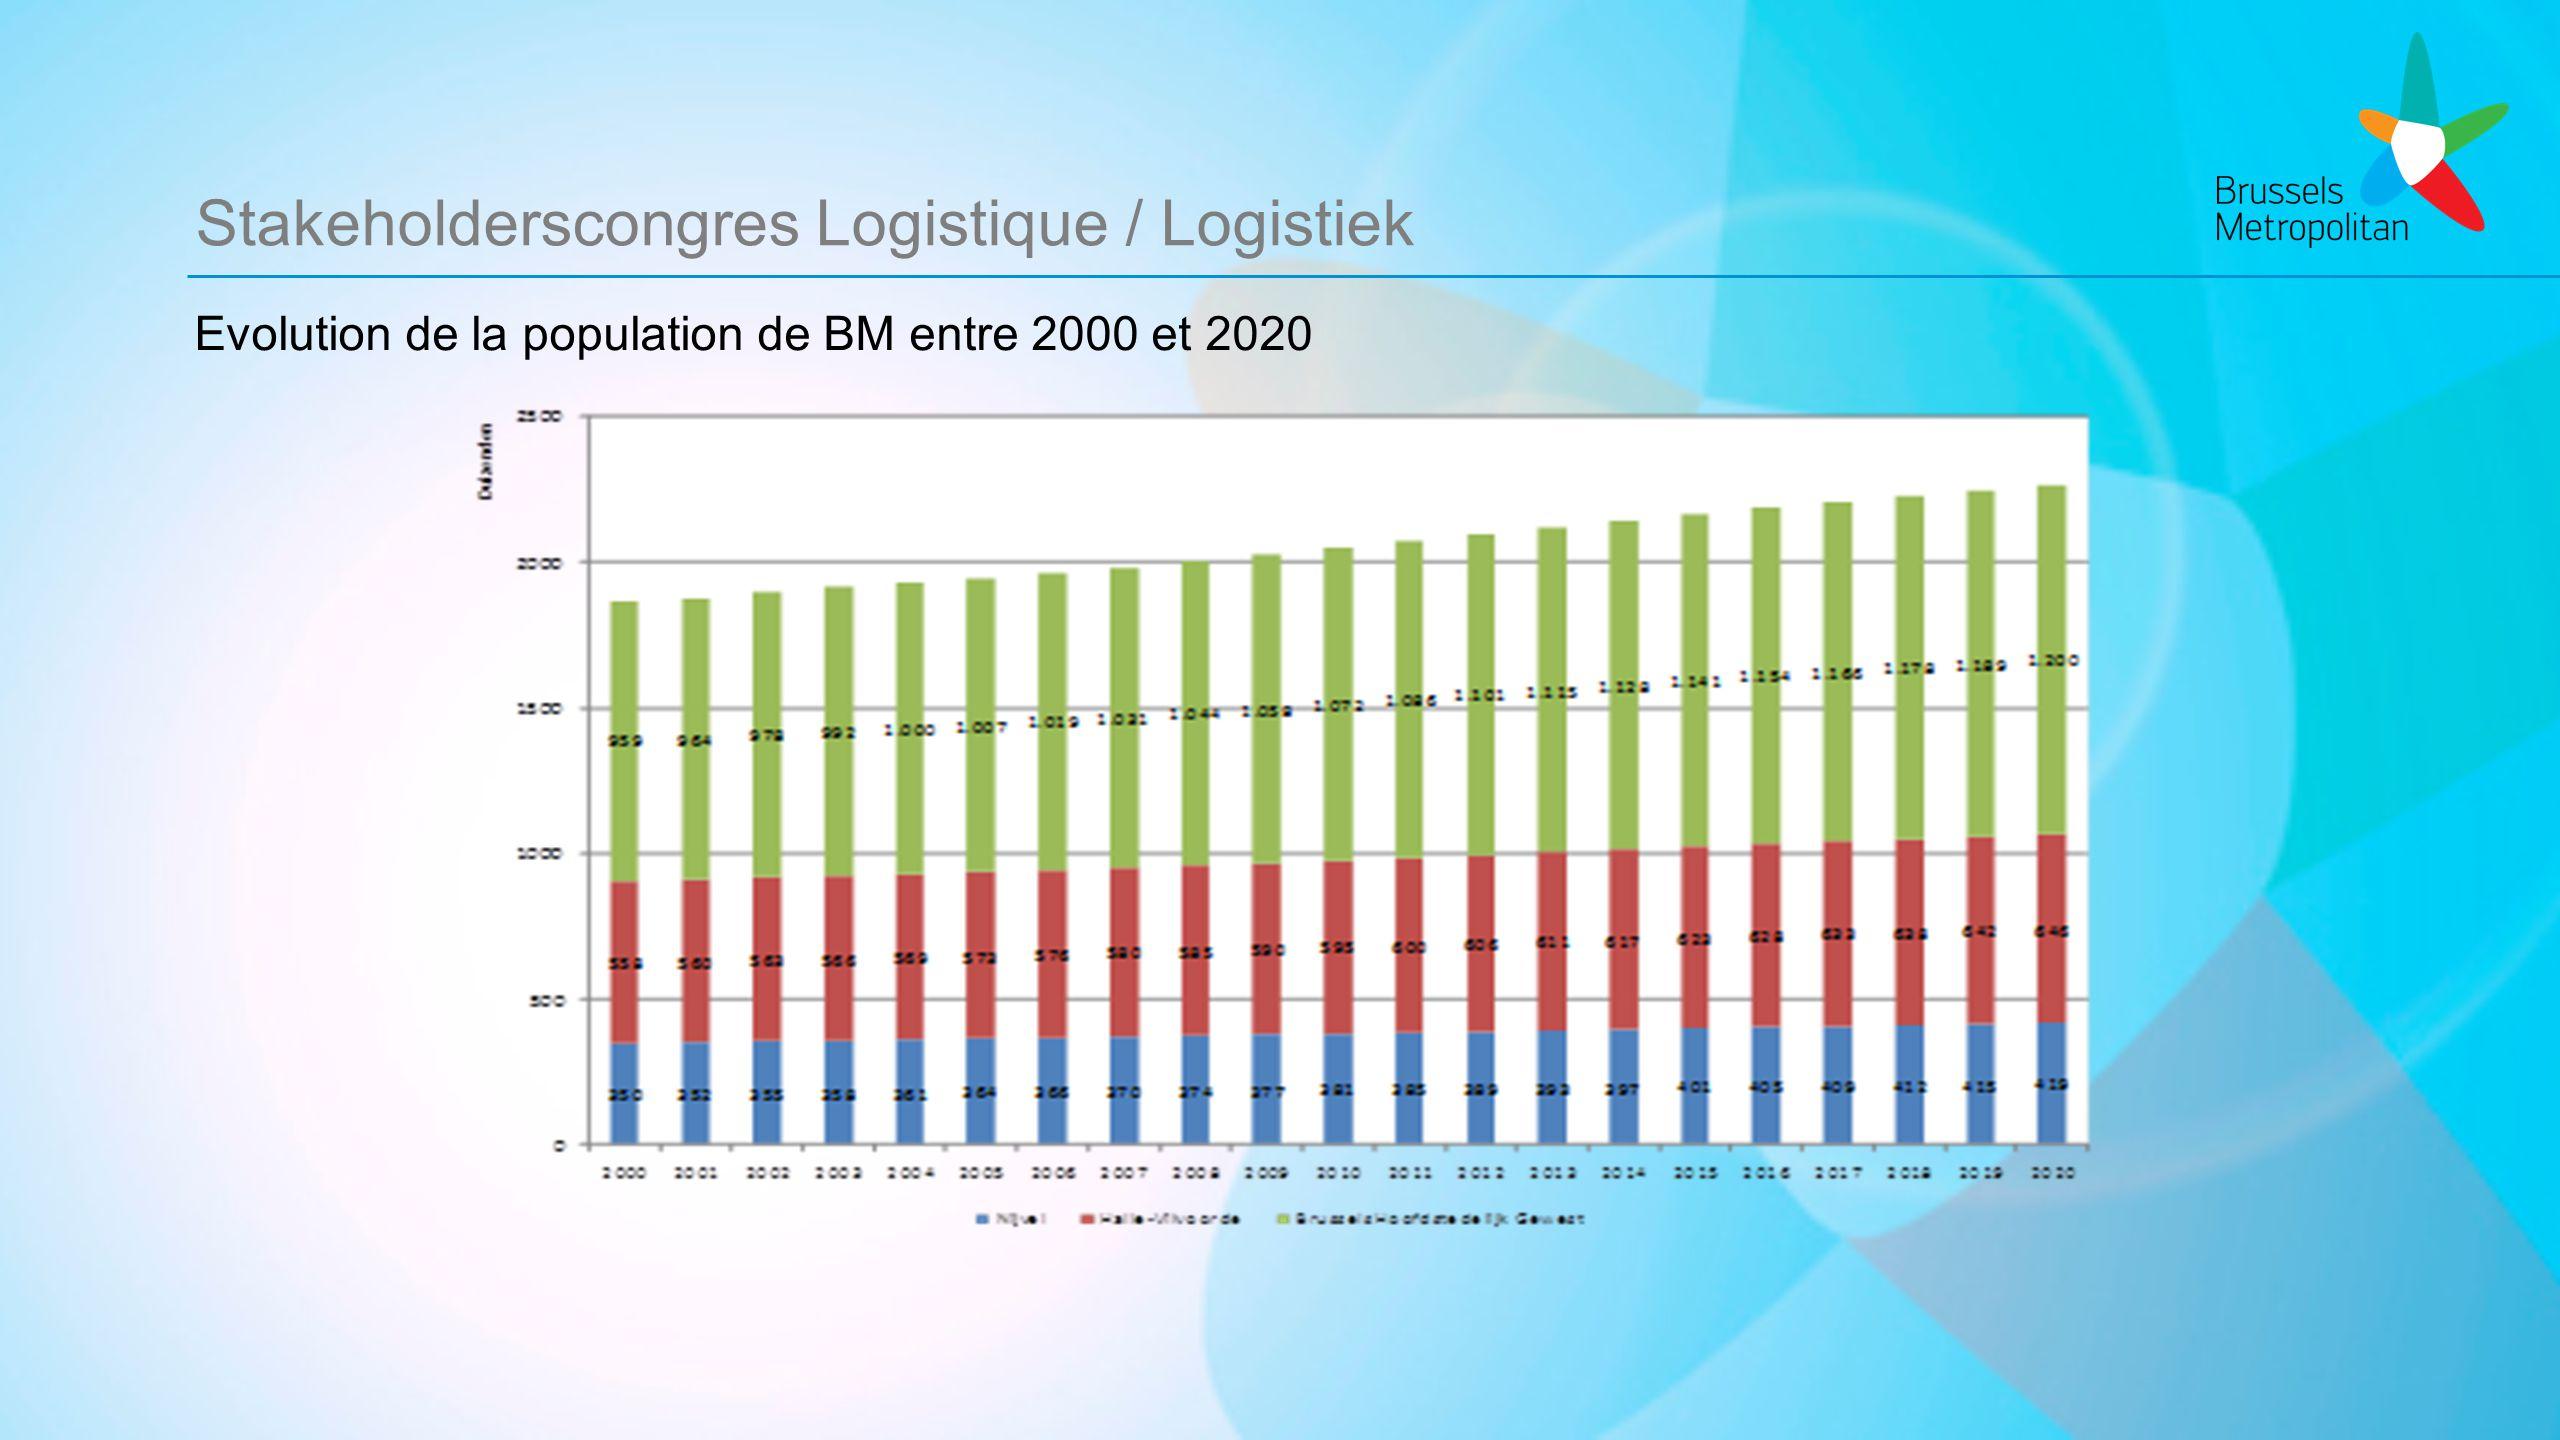 Stakeholderscongres Logistique / Logistiek Evolution de la population de BM entre 2000 et 2020